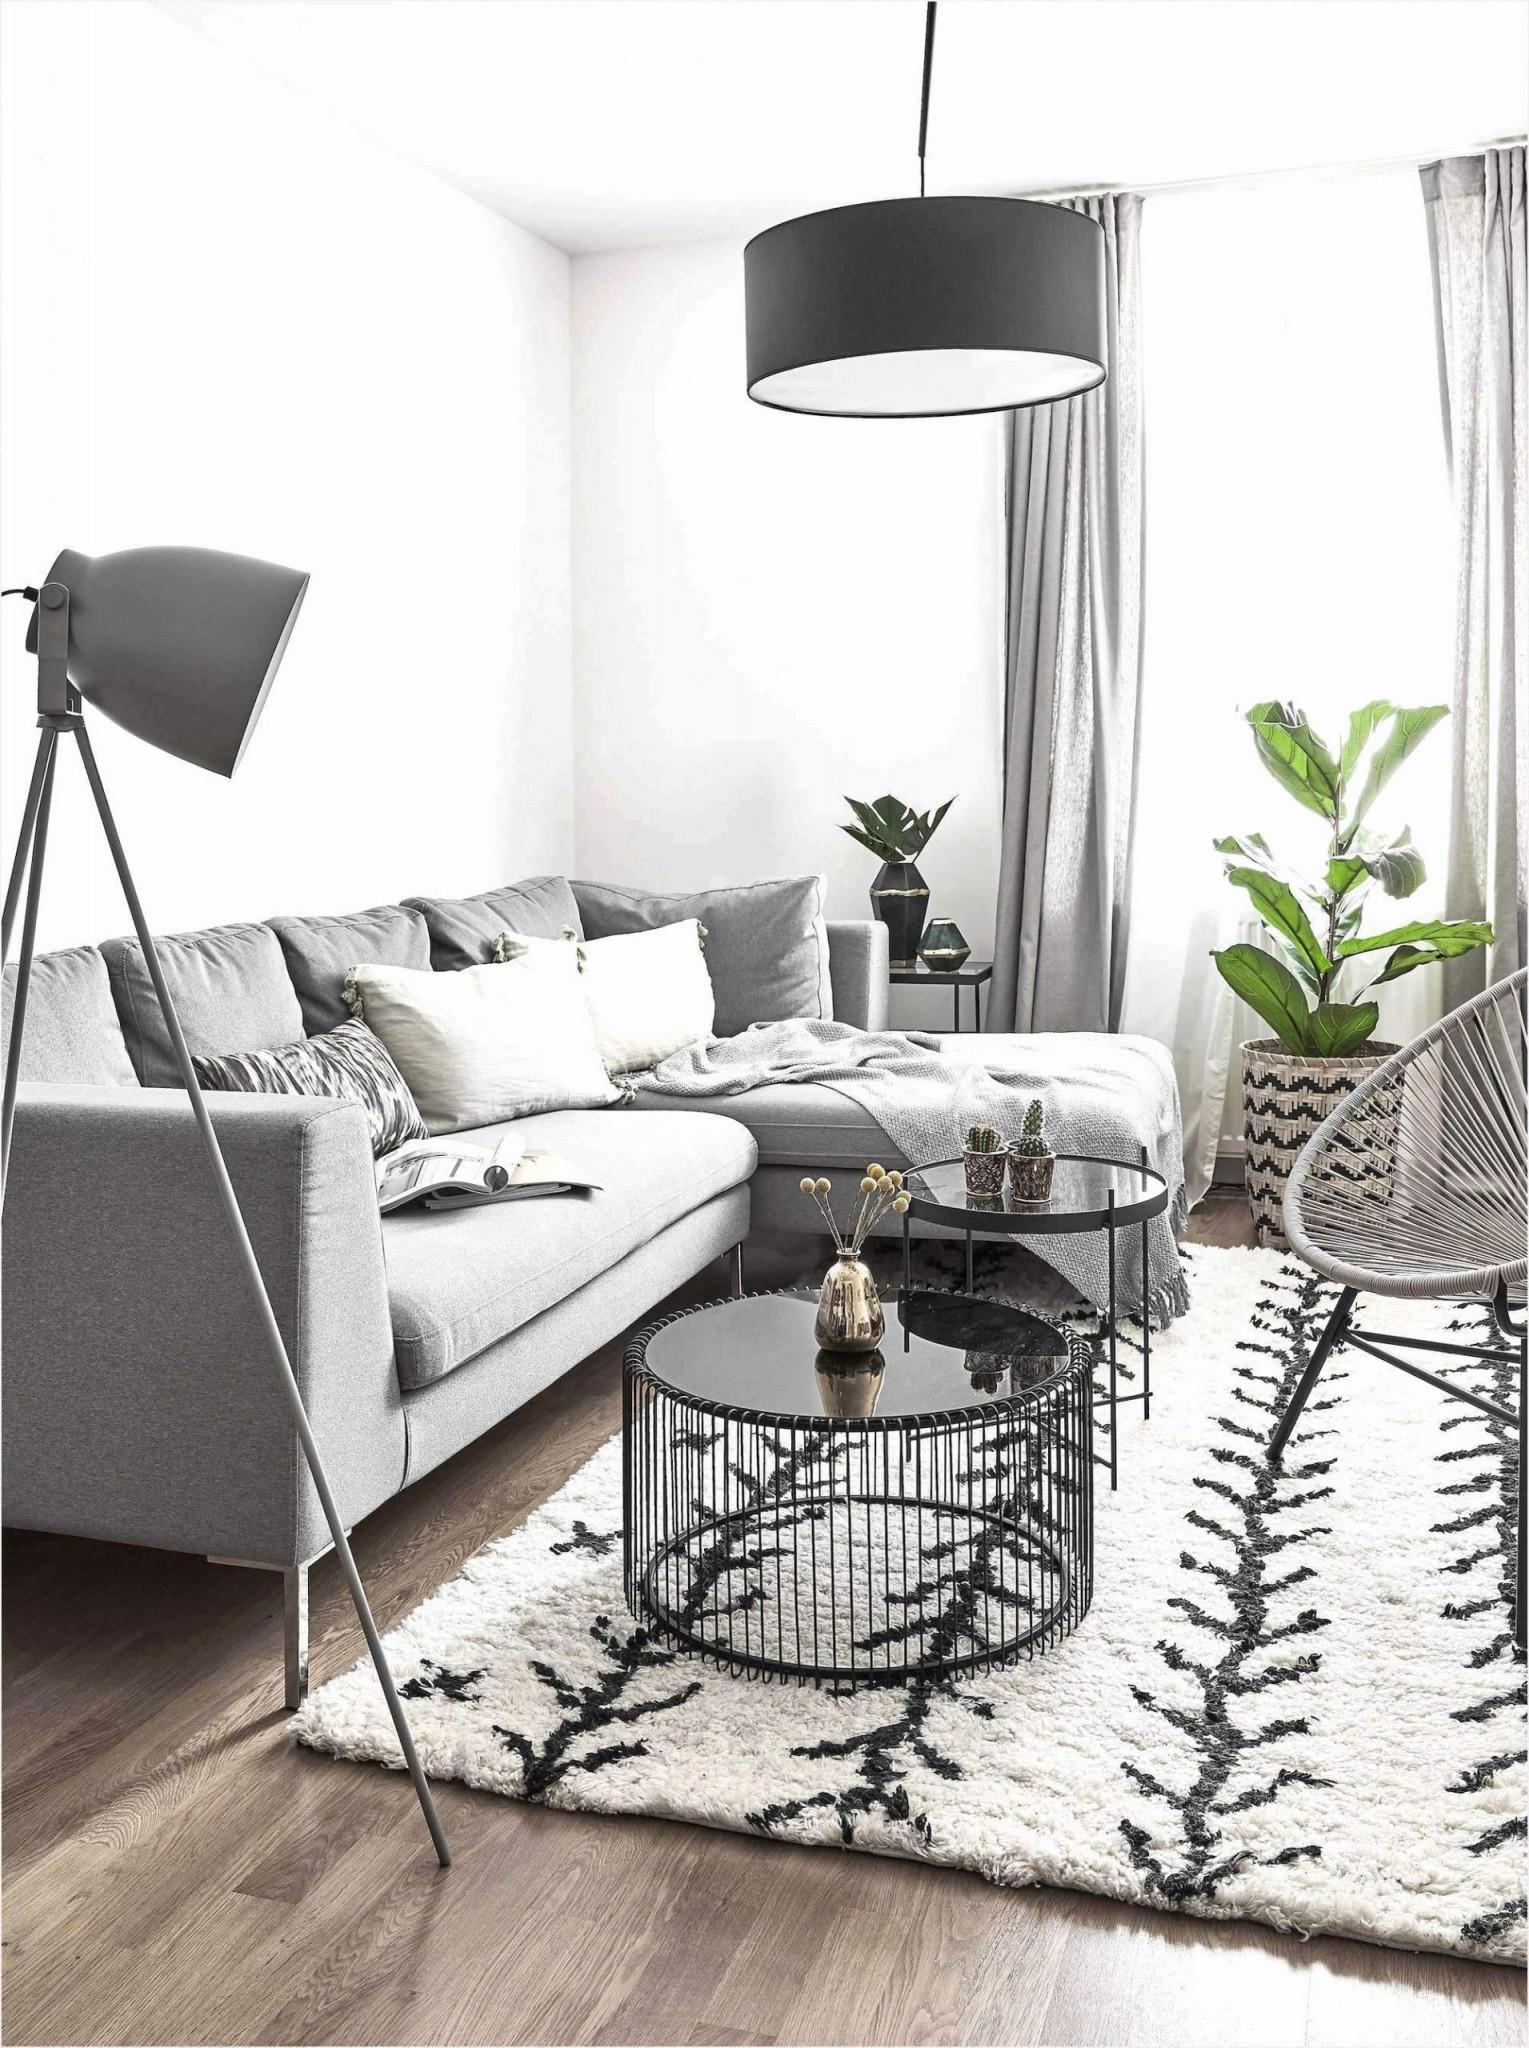 Wohnzimmer Deko Selber Machen Elegant 50 Schön Deko Ideen von Deko Idee Wohnzimmer Bild